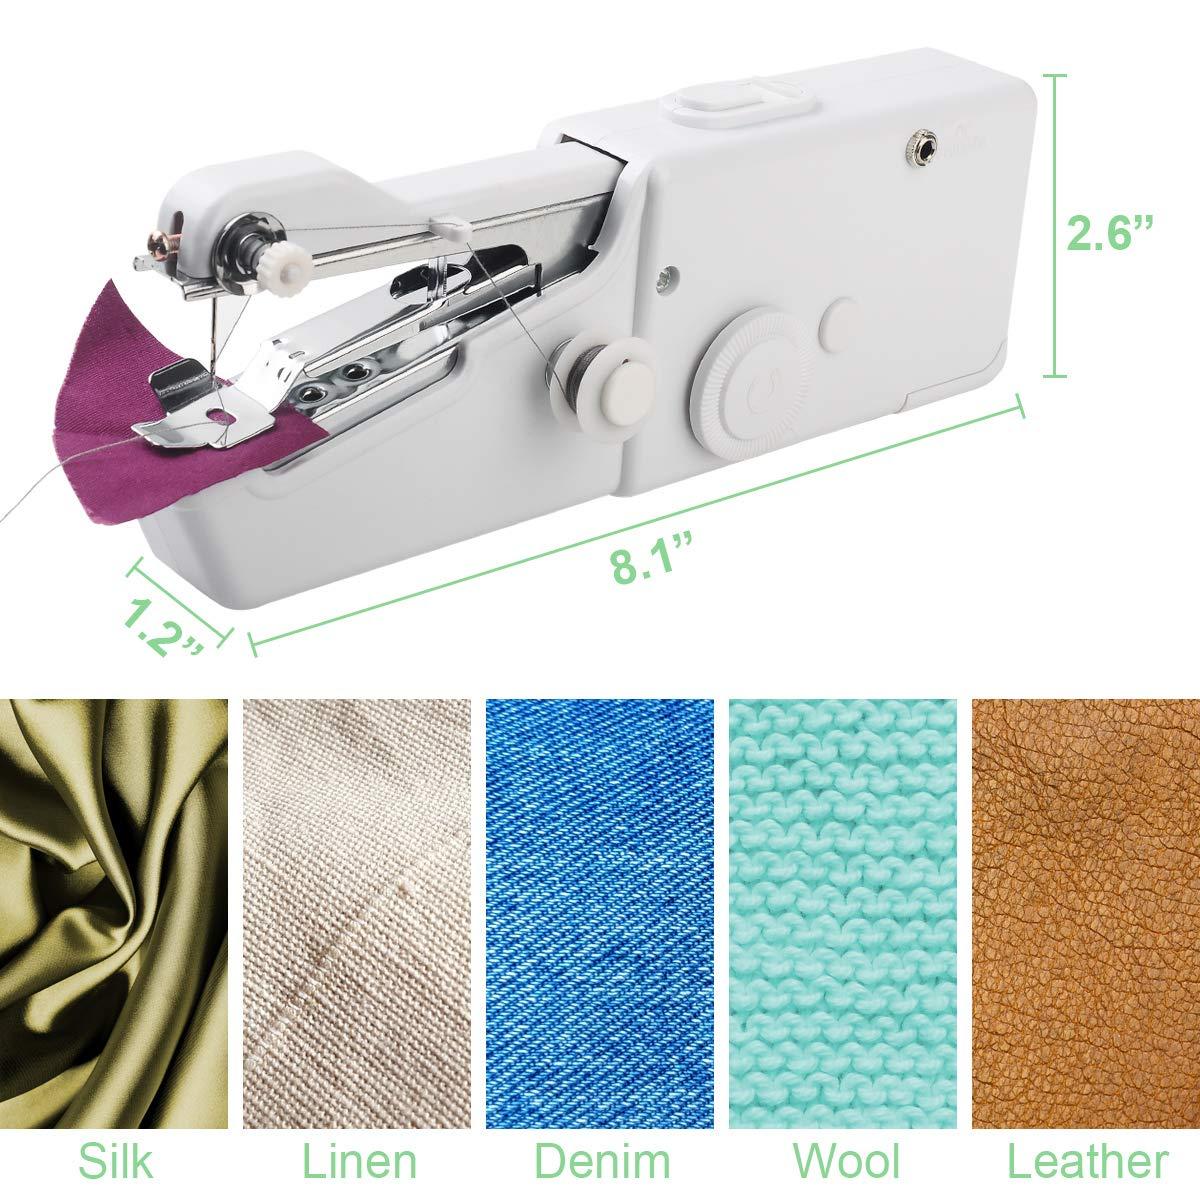 Handheld Sewing Machine and Threads Kit